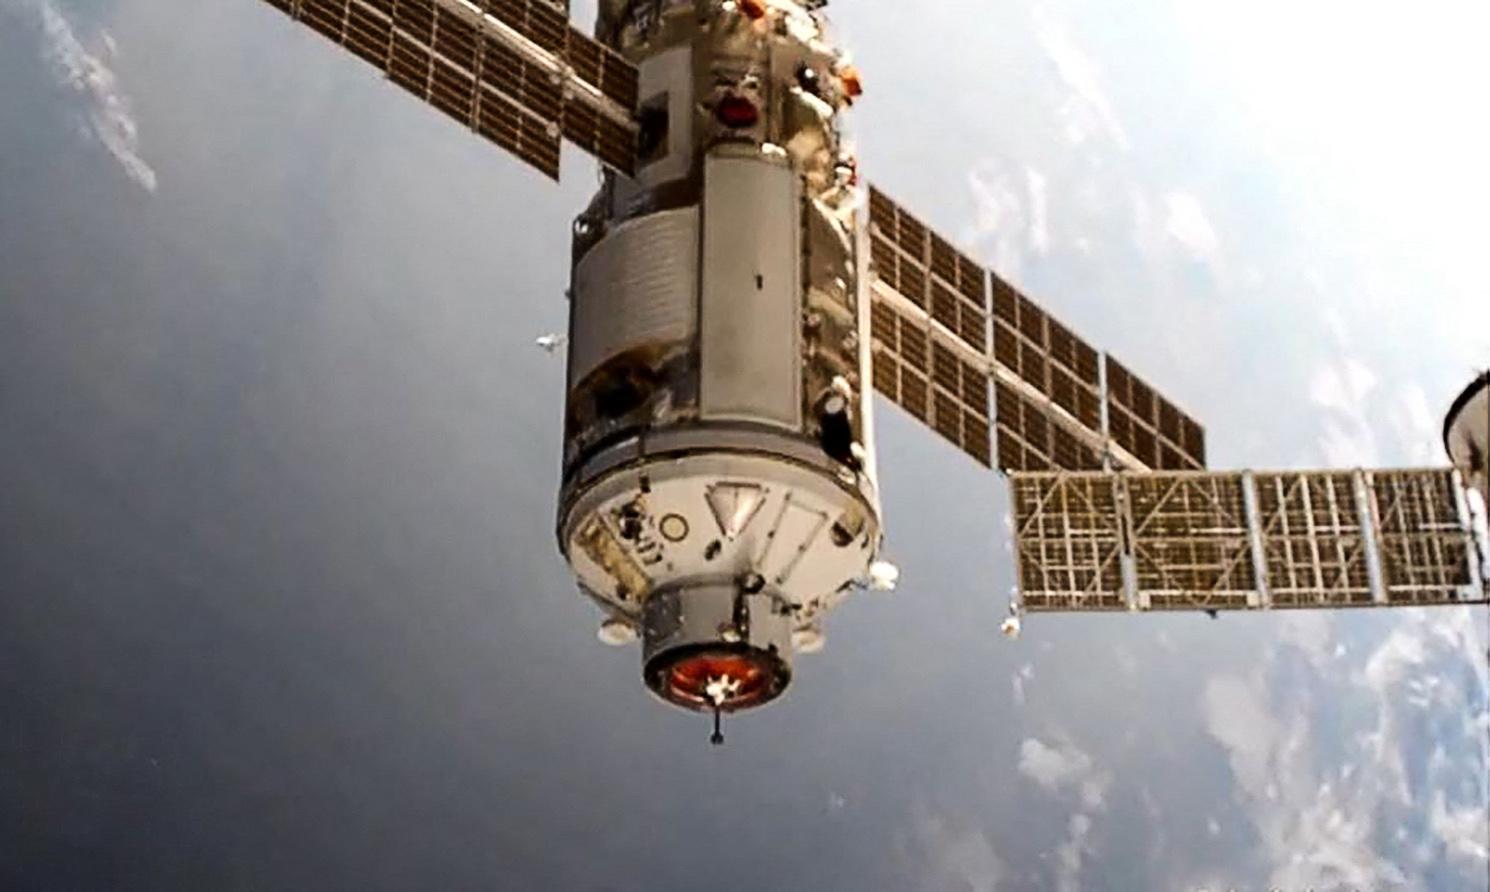 Megszólalt a füst- és tűzriasztó a Nemzetközi Űrállomáson